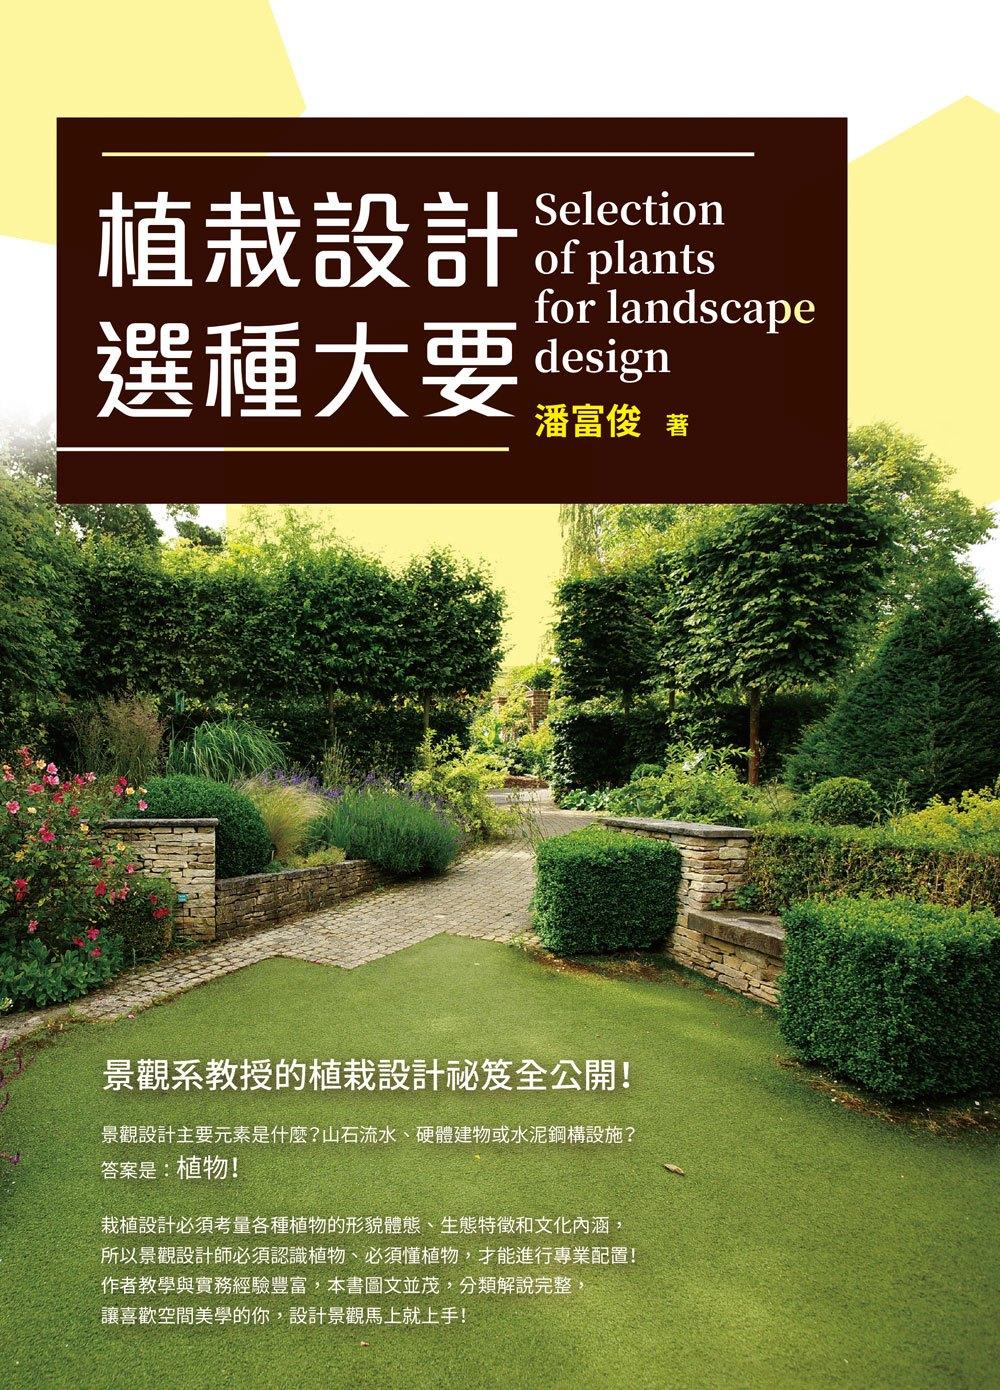 植栽設計選種大要